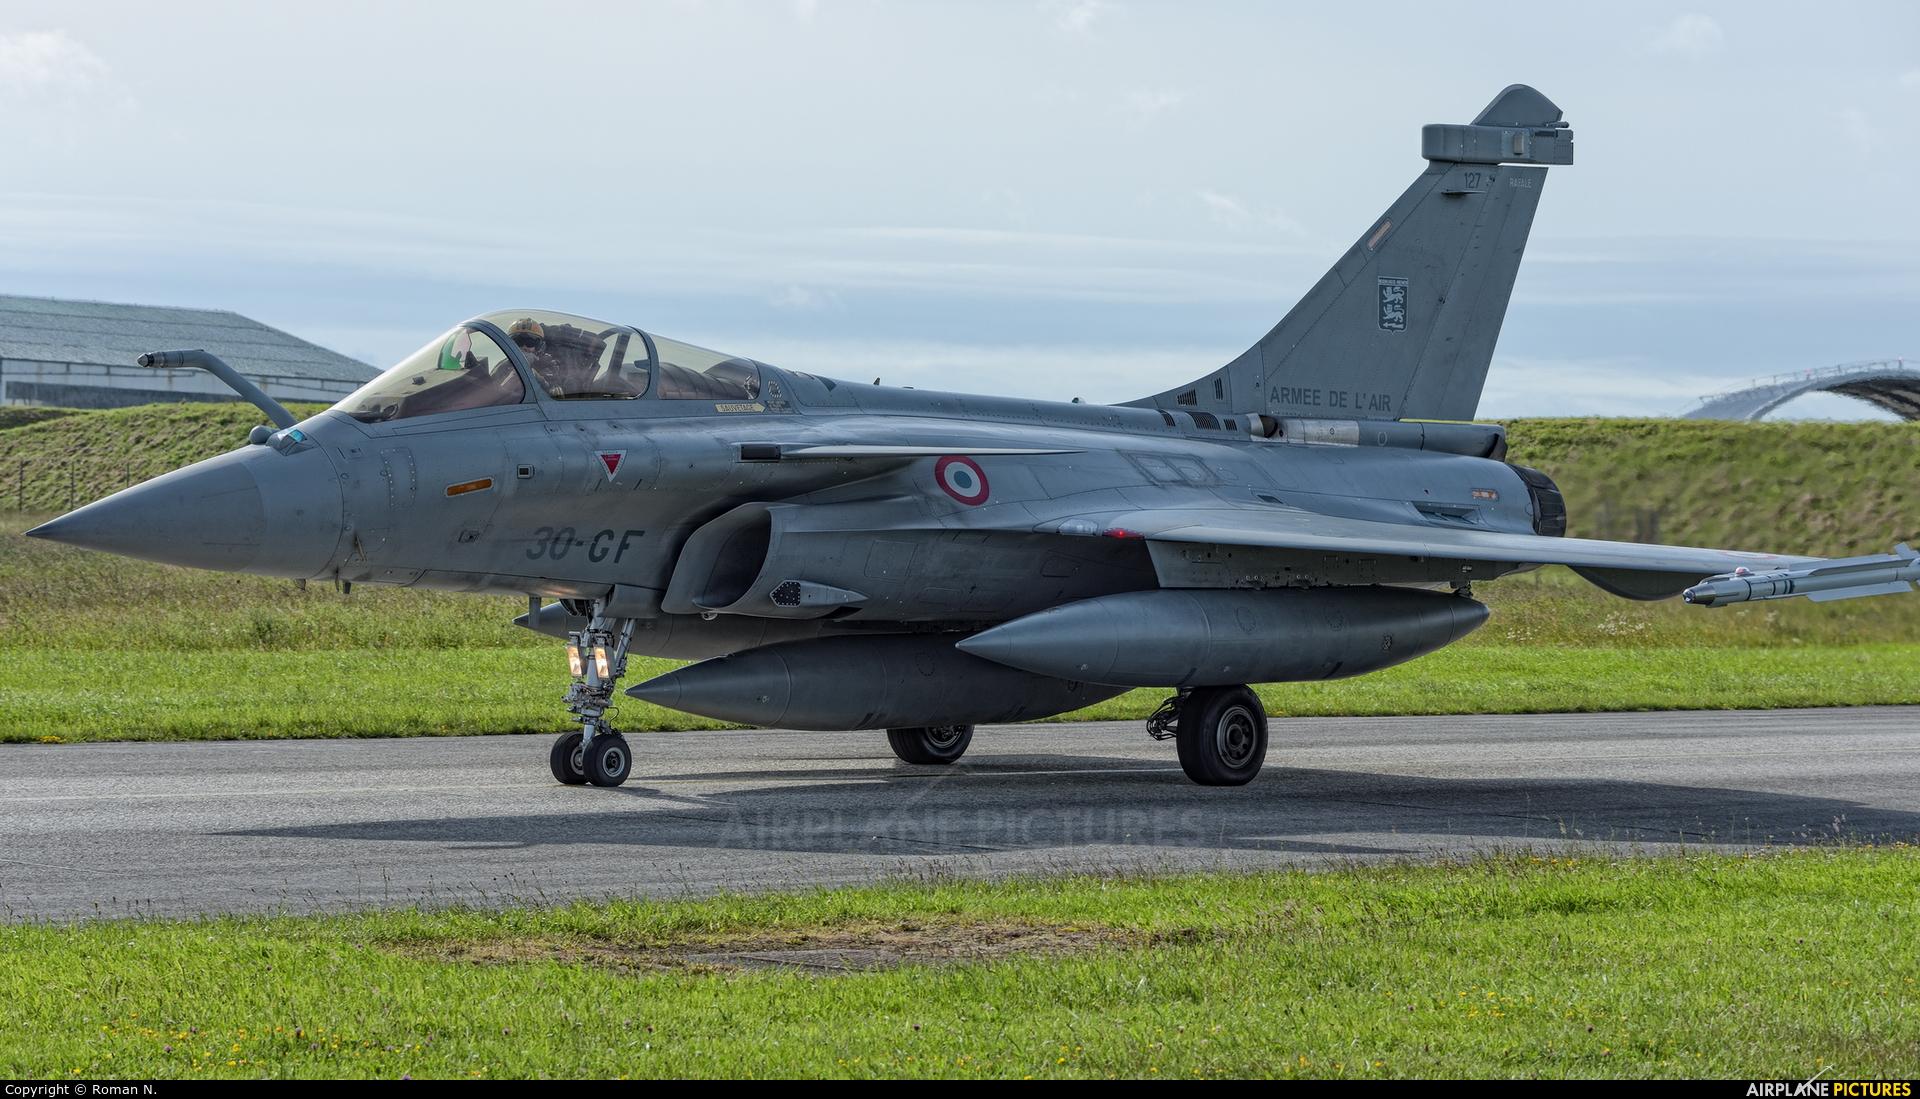 France - Air Force 127 aircraft at Landivisiau